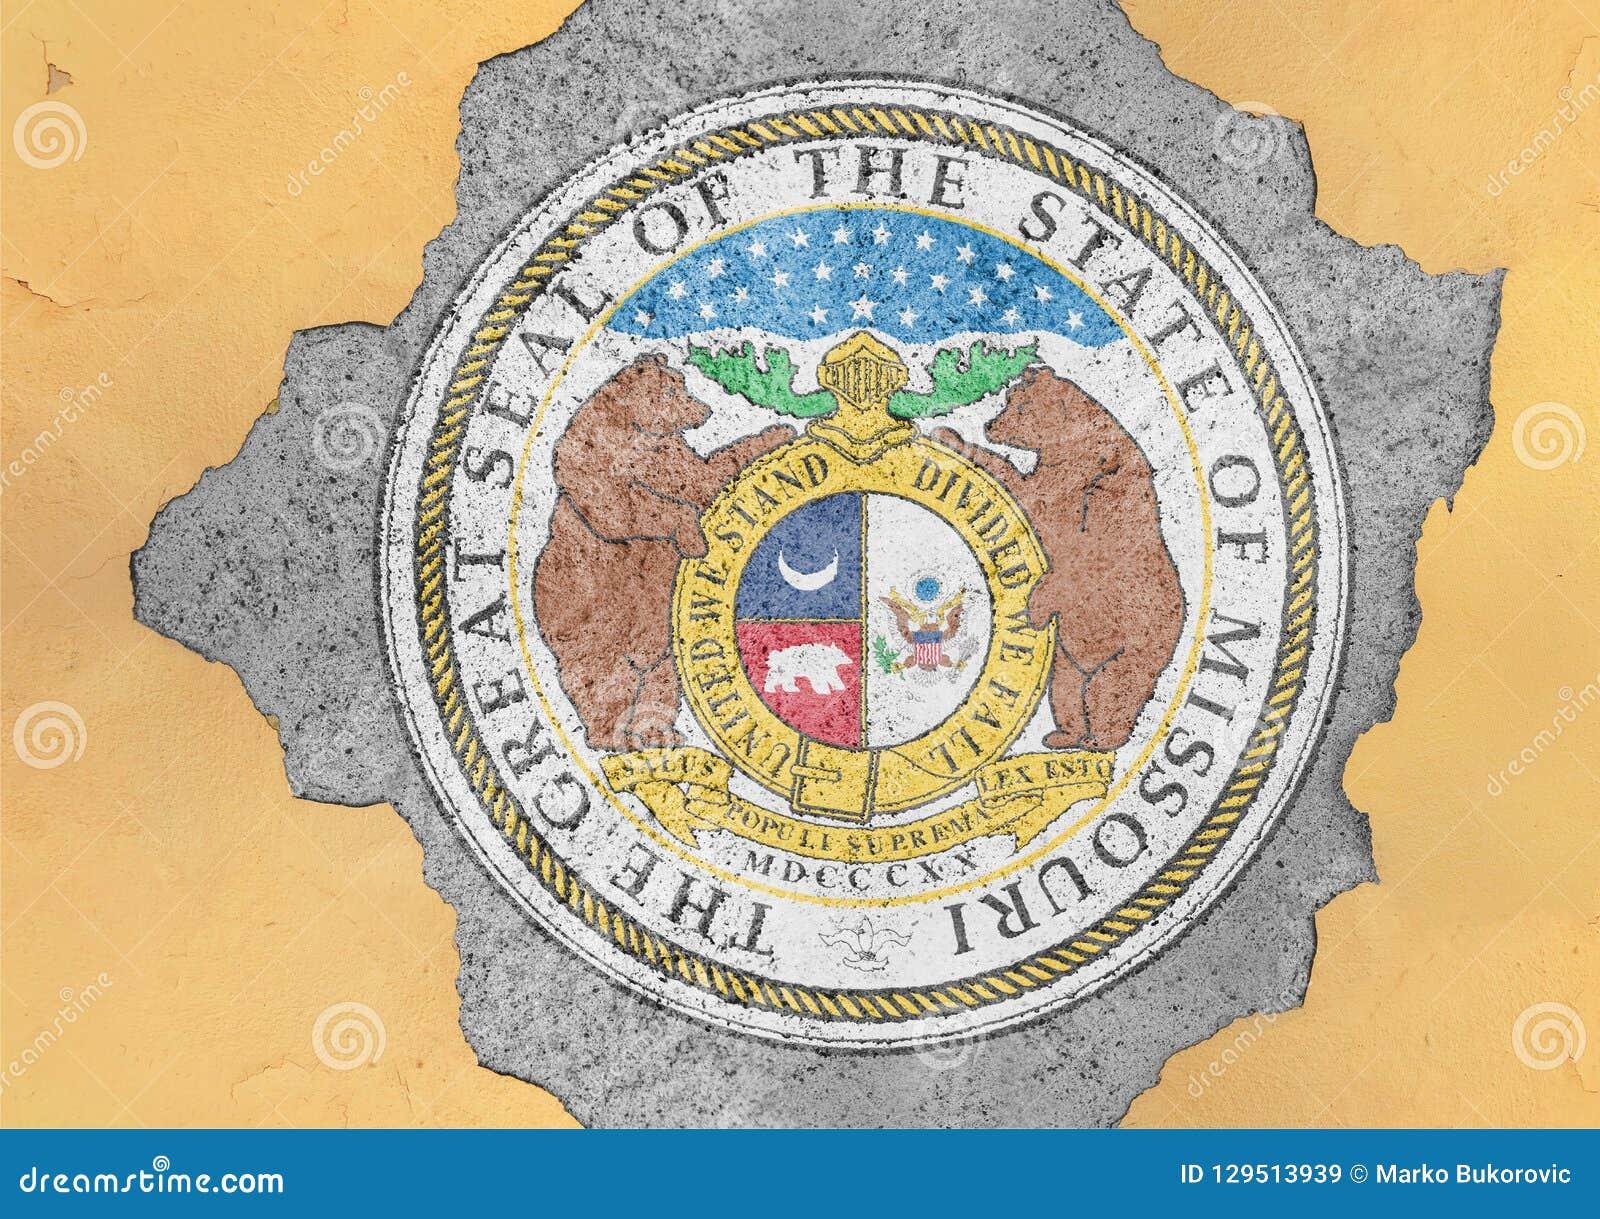 Bandera del sello de Missouri del estado de los E.E.U.U. pintada en el agujero concreto y la pared agrietada